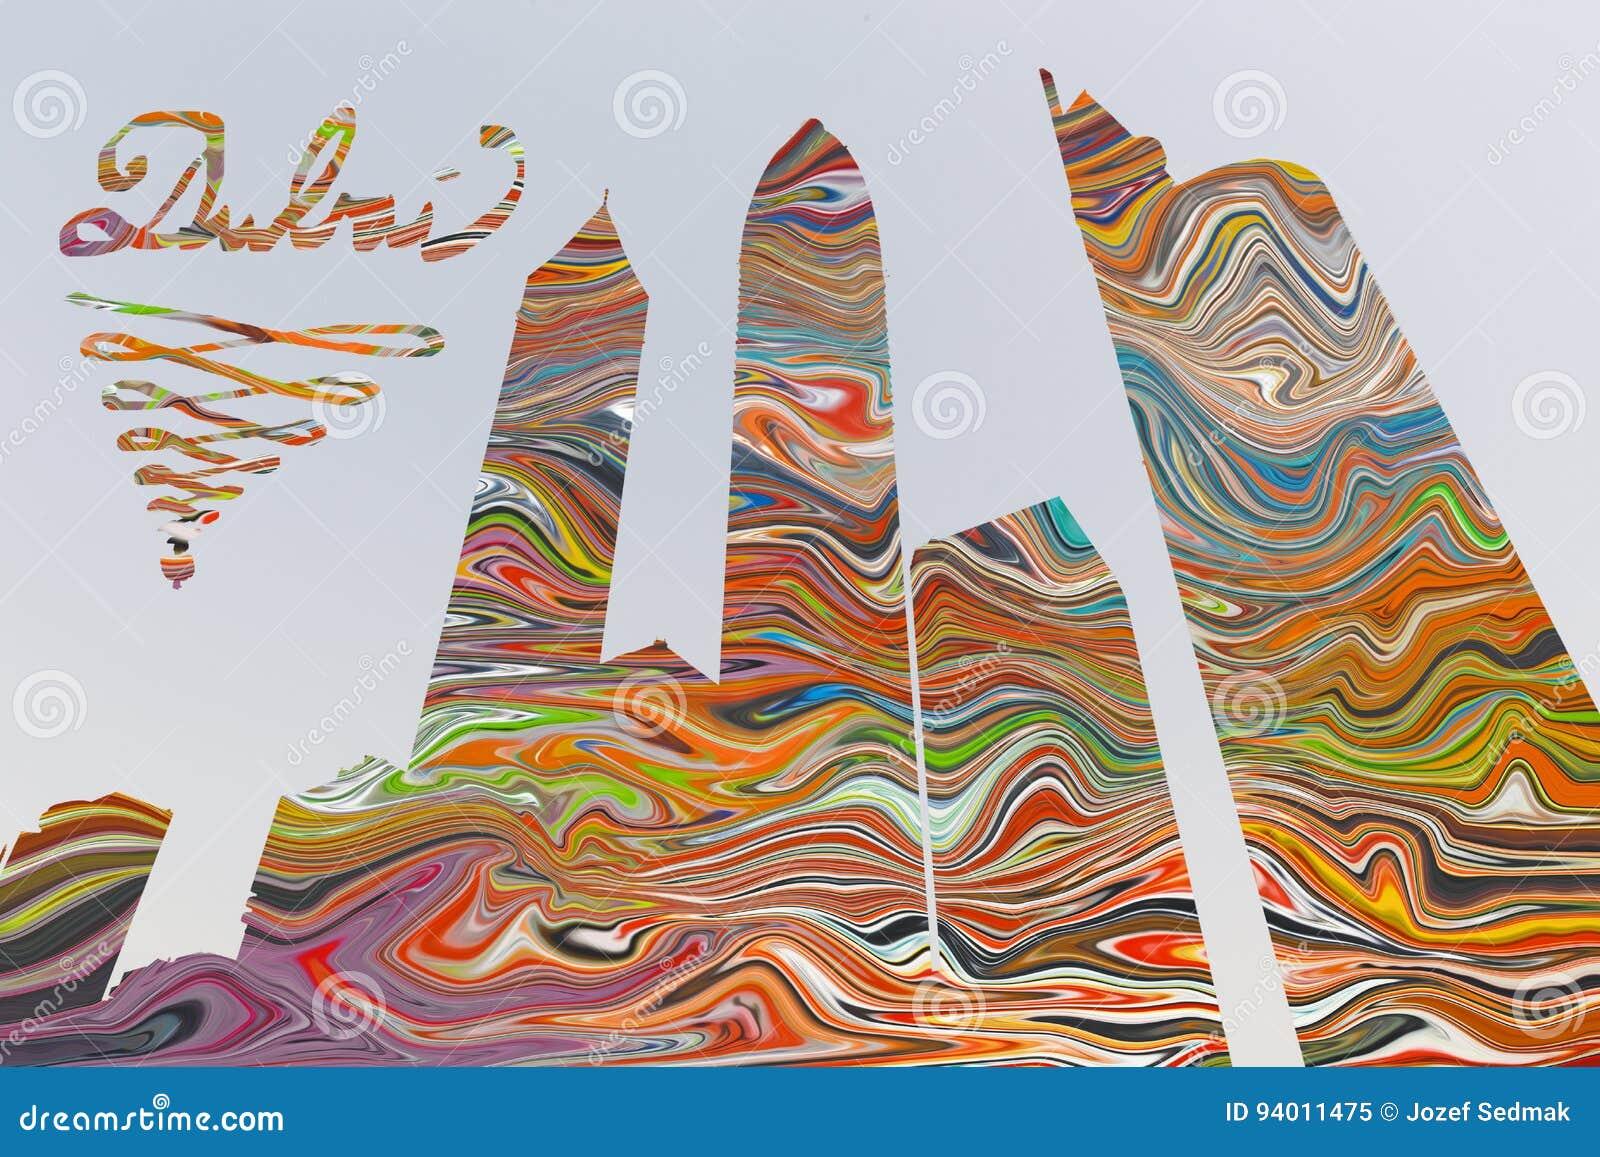 迪拜-摩天大楼例证和pohto蒙太奇颜色整个背景的